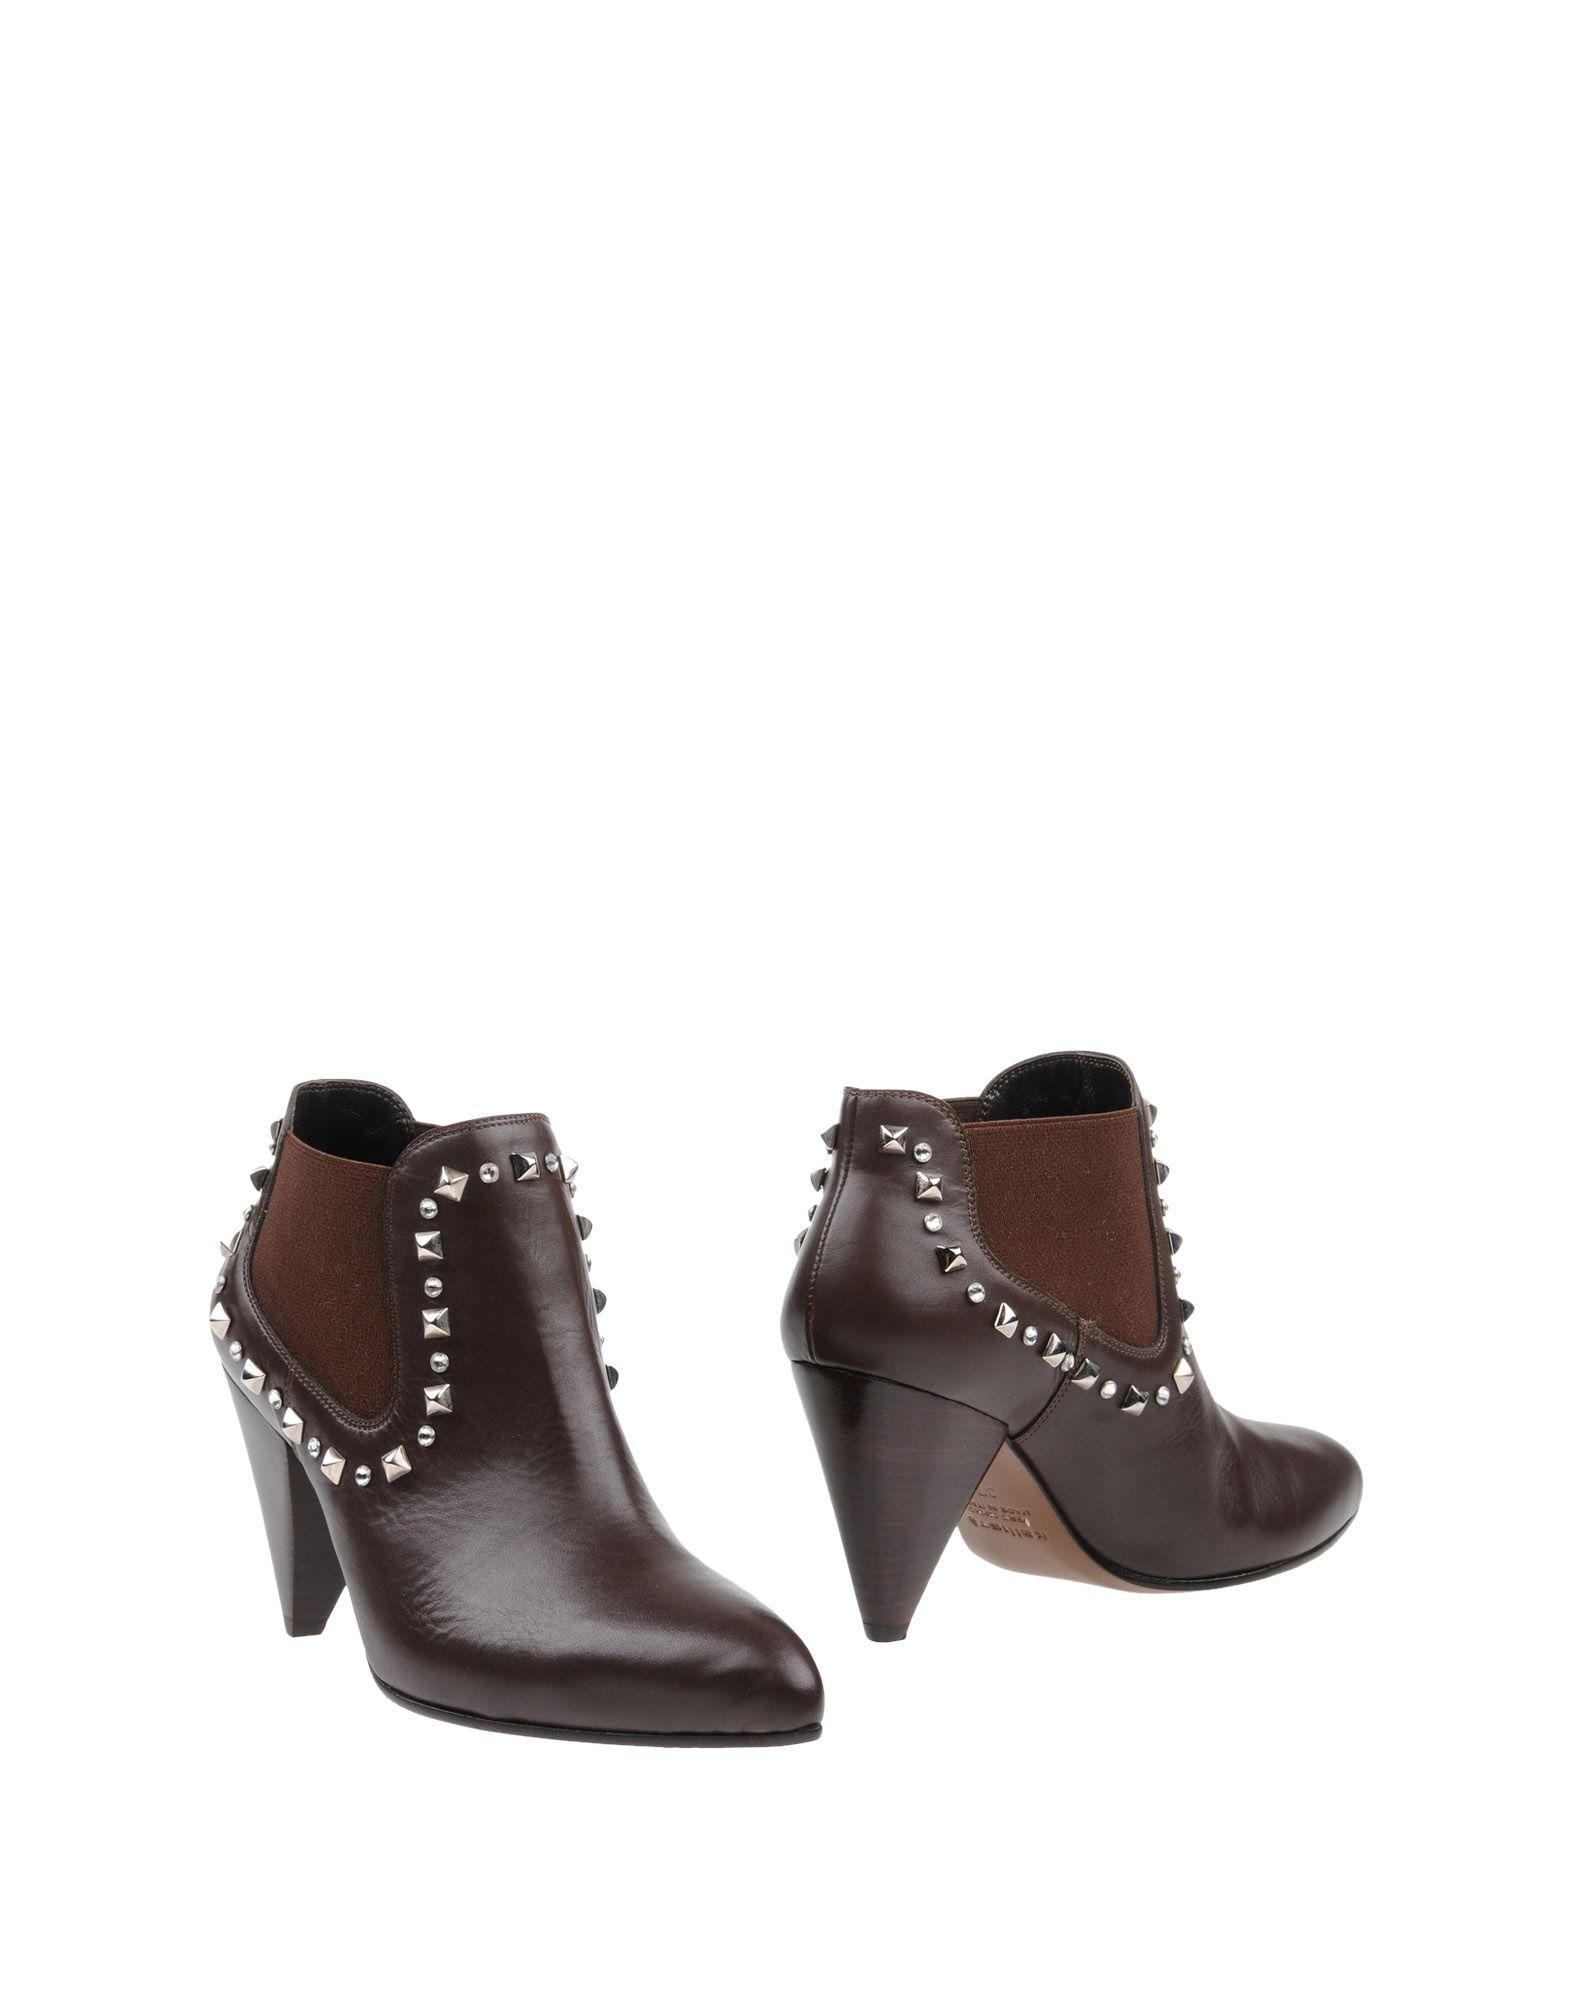 Kallistè Stiefelette Damen  11360075XW Gute Qualität beliebte Schuhe